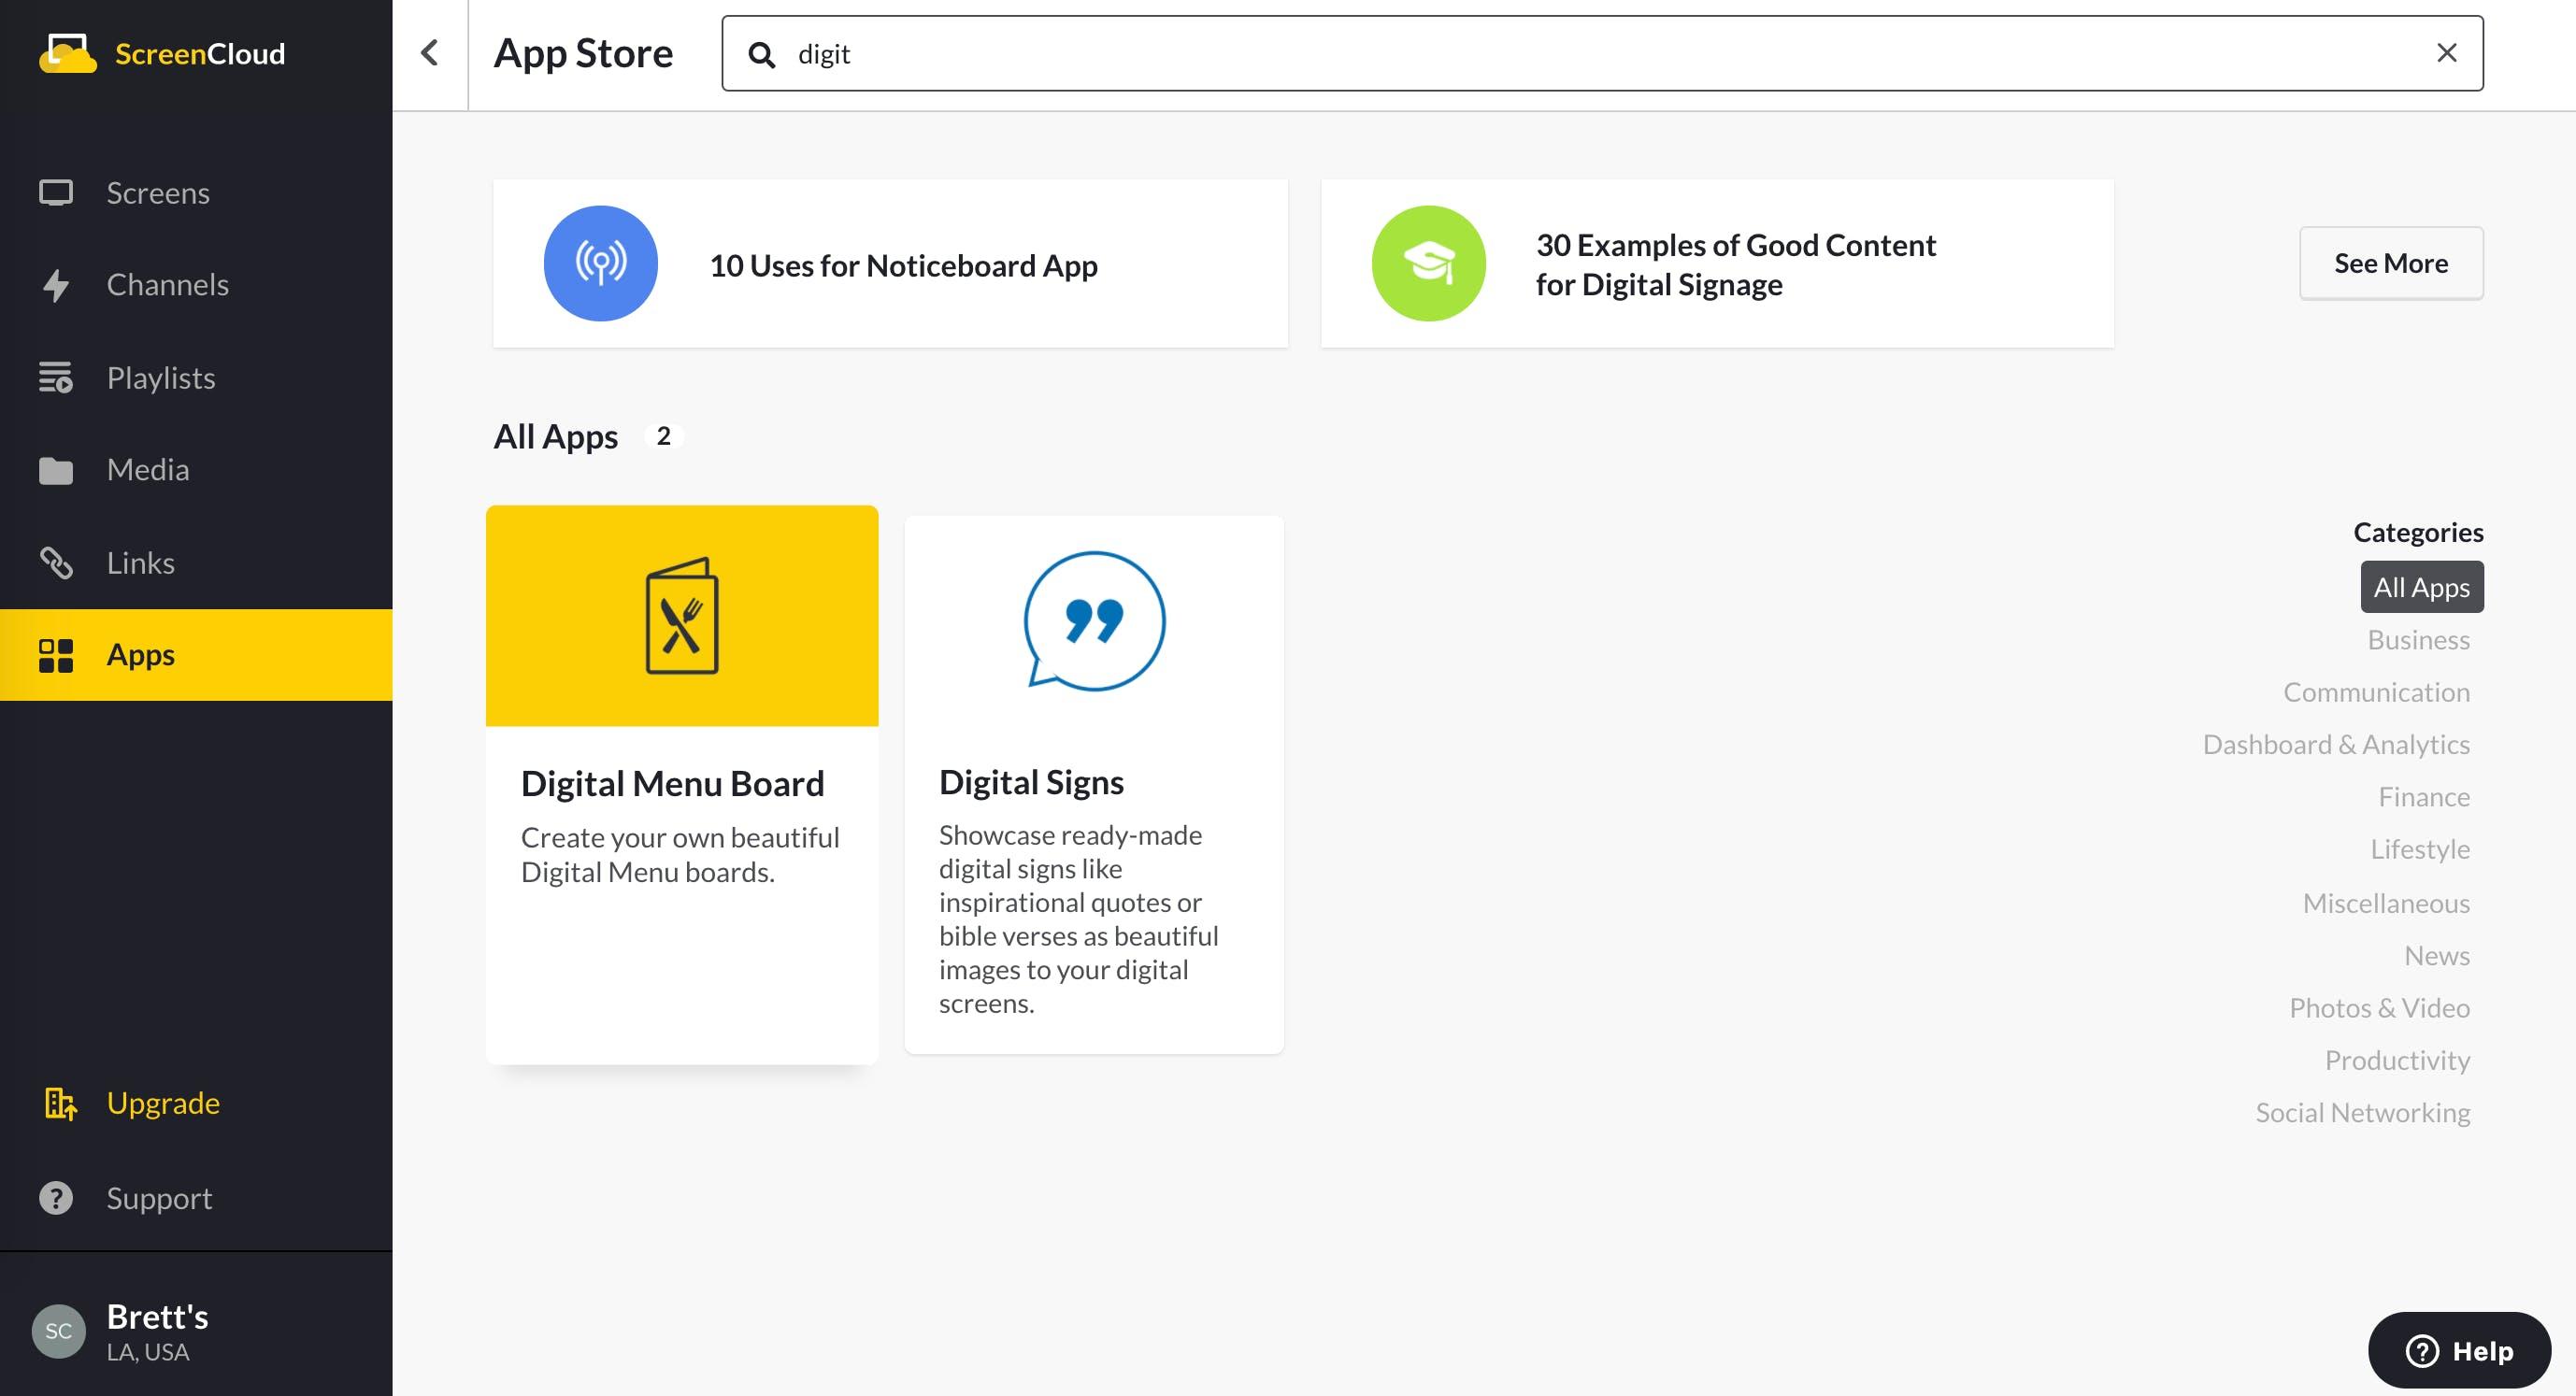 Digital MenuBoard App Guide - App Store 5.13.2020.png